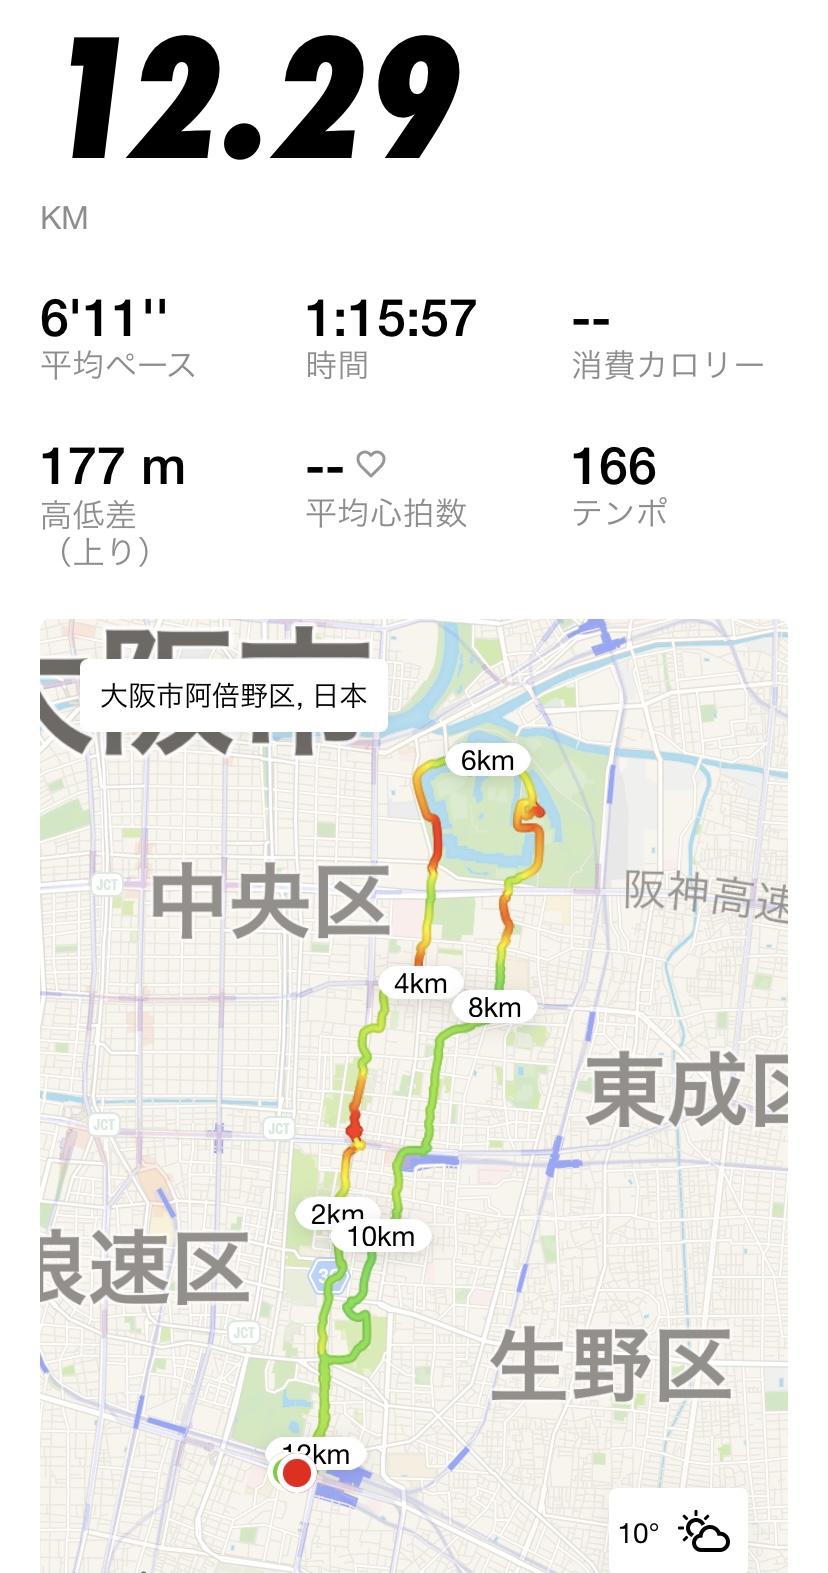 [ブログ]大阪城まで花見ラン♪